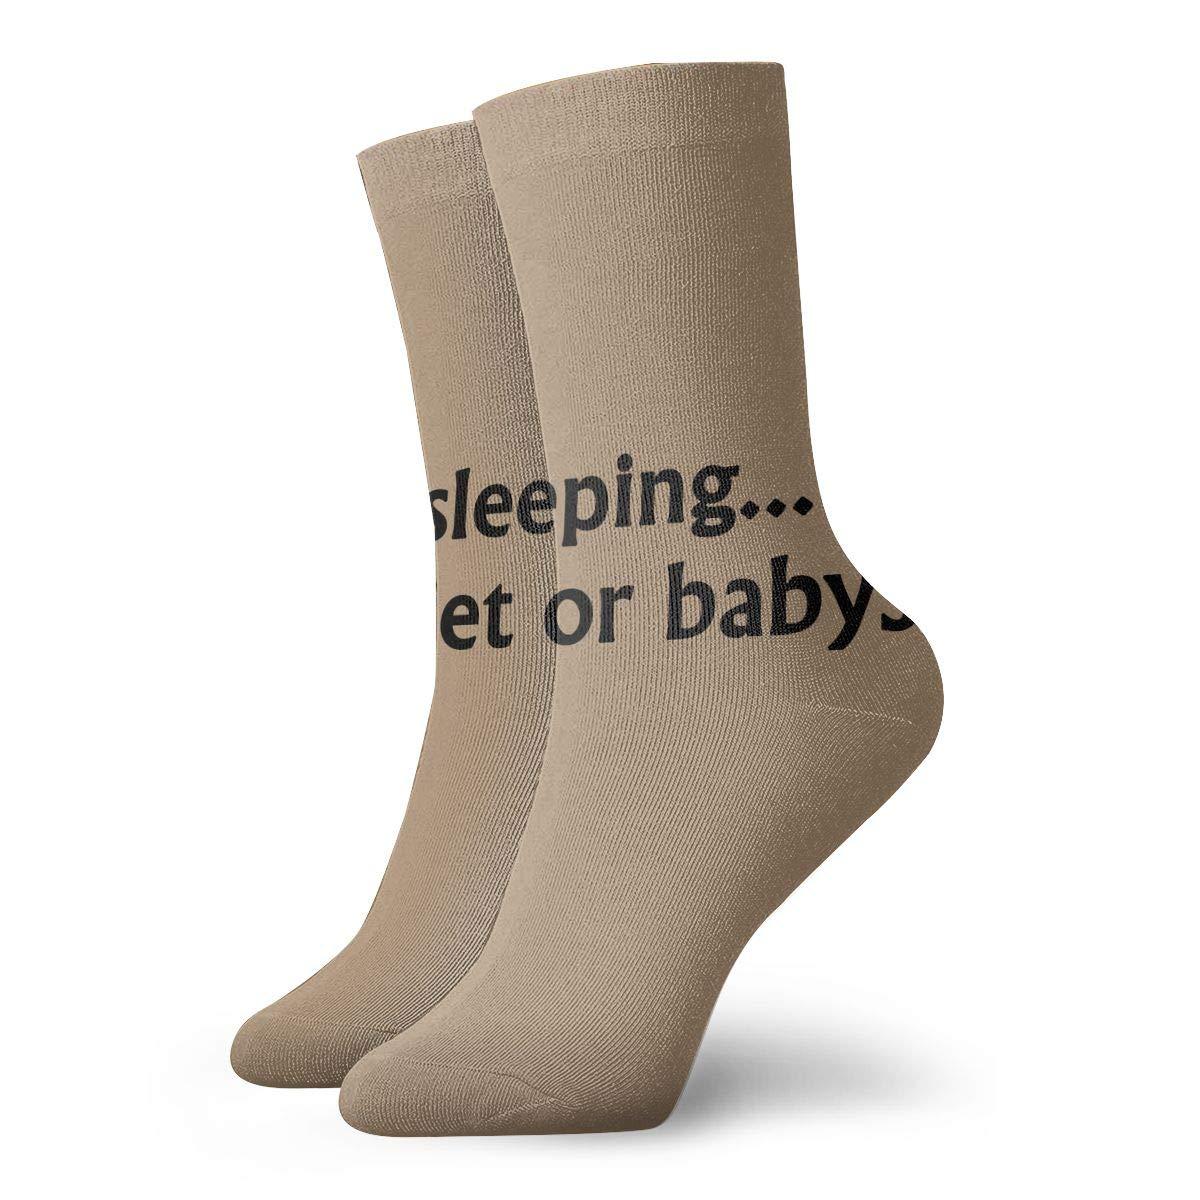 Rhodar Unisex Comfort Baby Sleeping Be Quiet Babysit Crew Socks